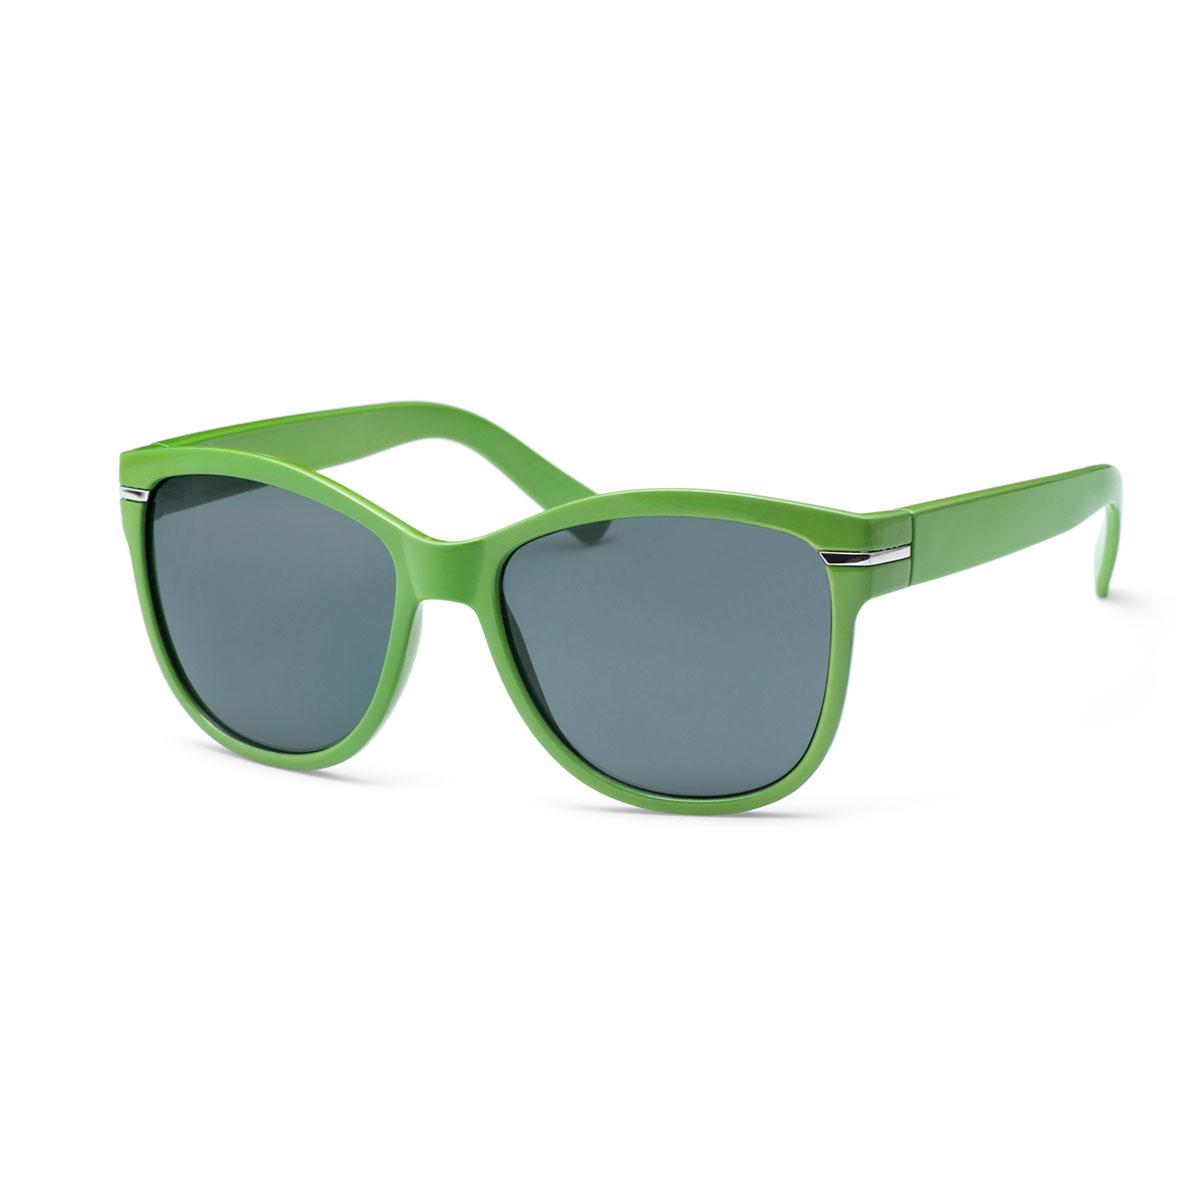 عینک سبز مدل فلوریدا